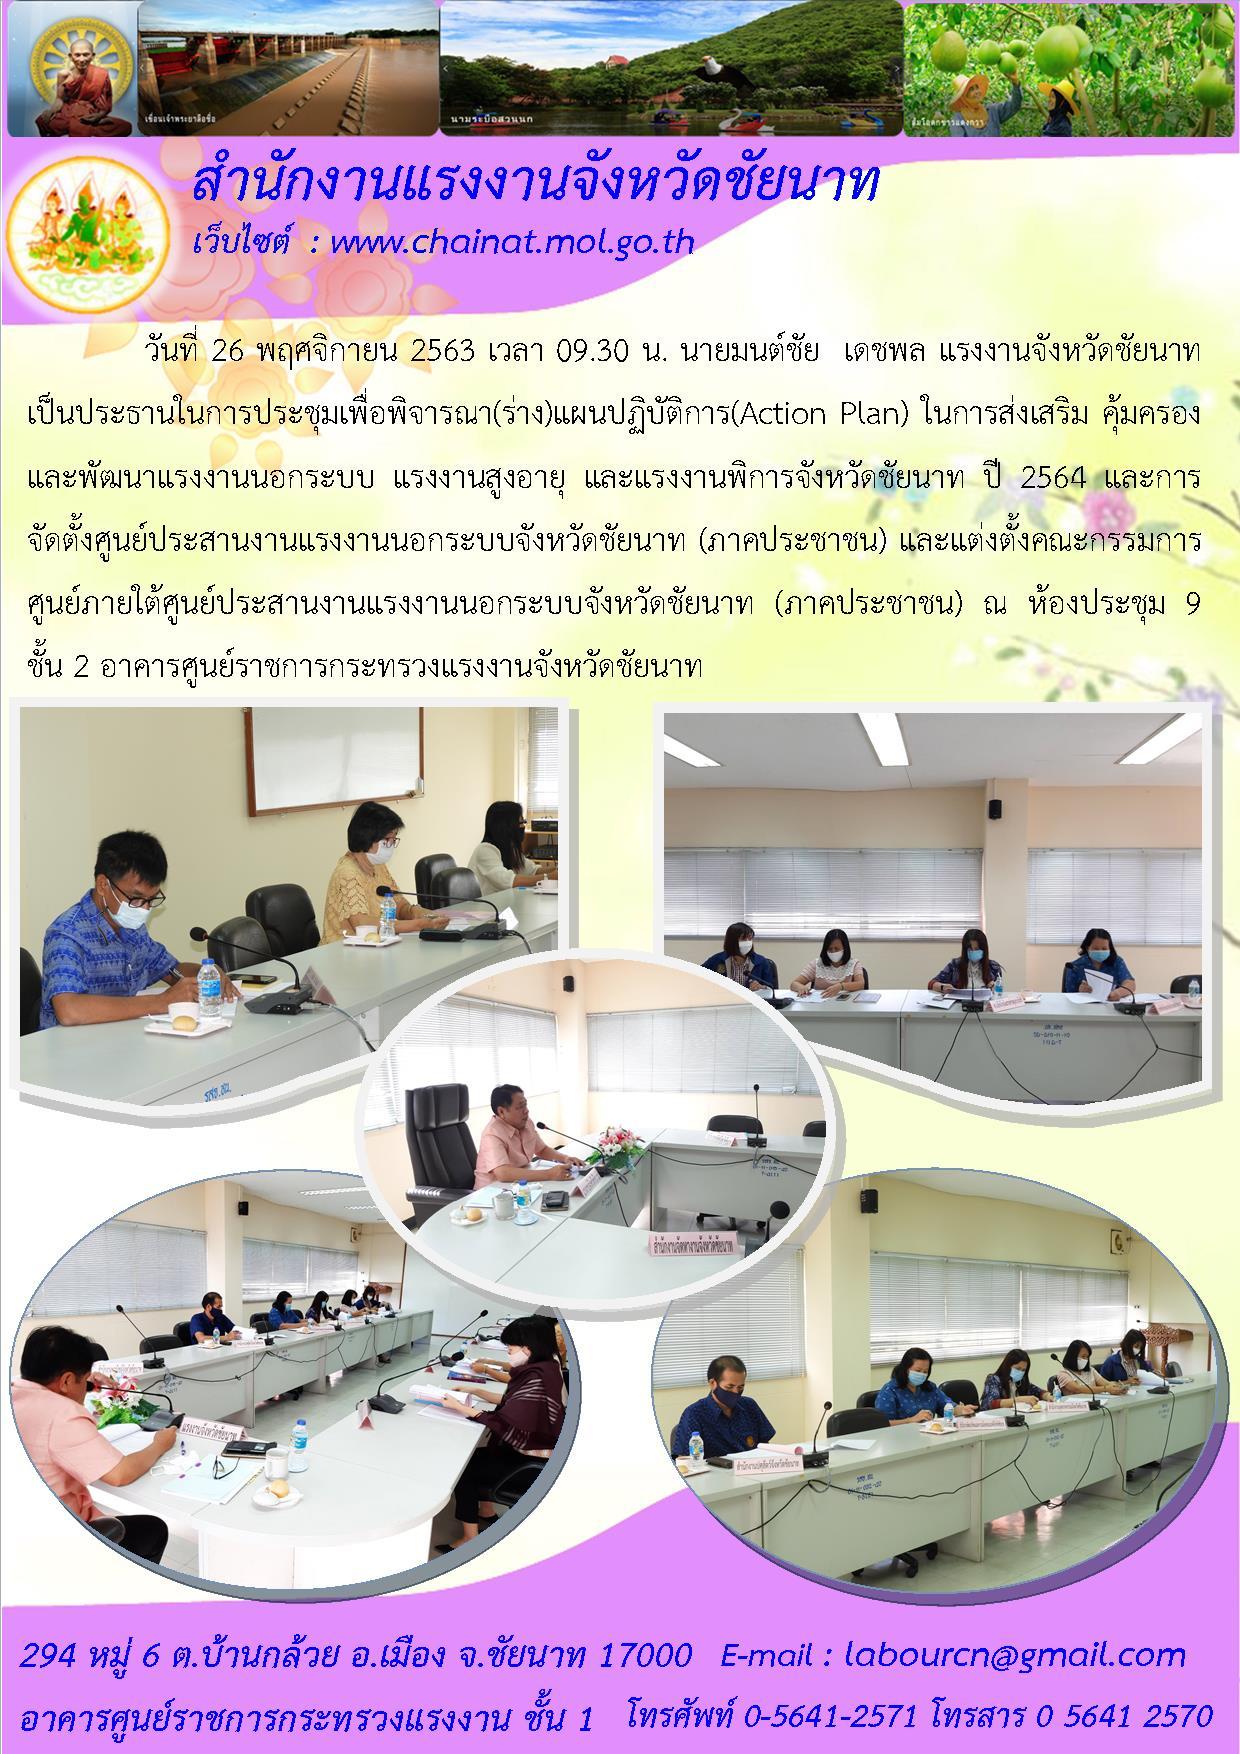 สำนักงานแรงงานจังหวัดชัยนาท จัดประชุมเพื่อพิจารณา(ร่าง)แผนปฏิบัติการ(Action Plan)